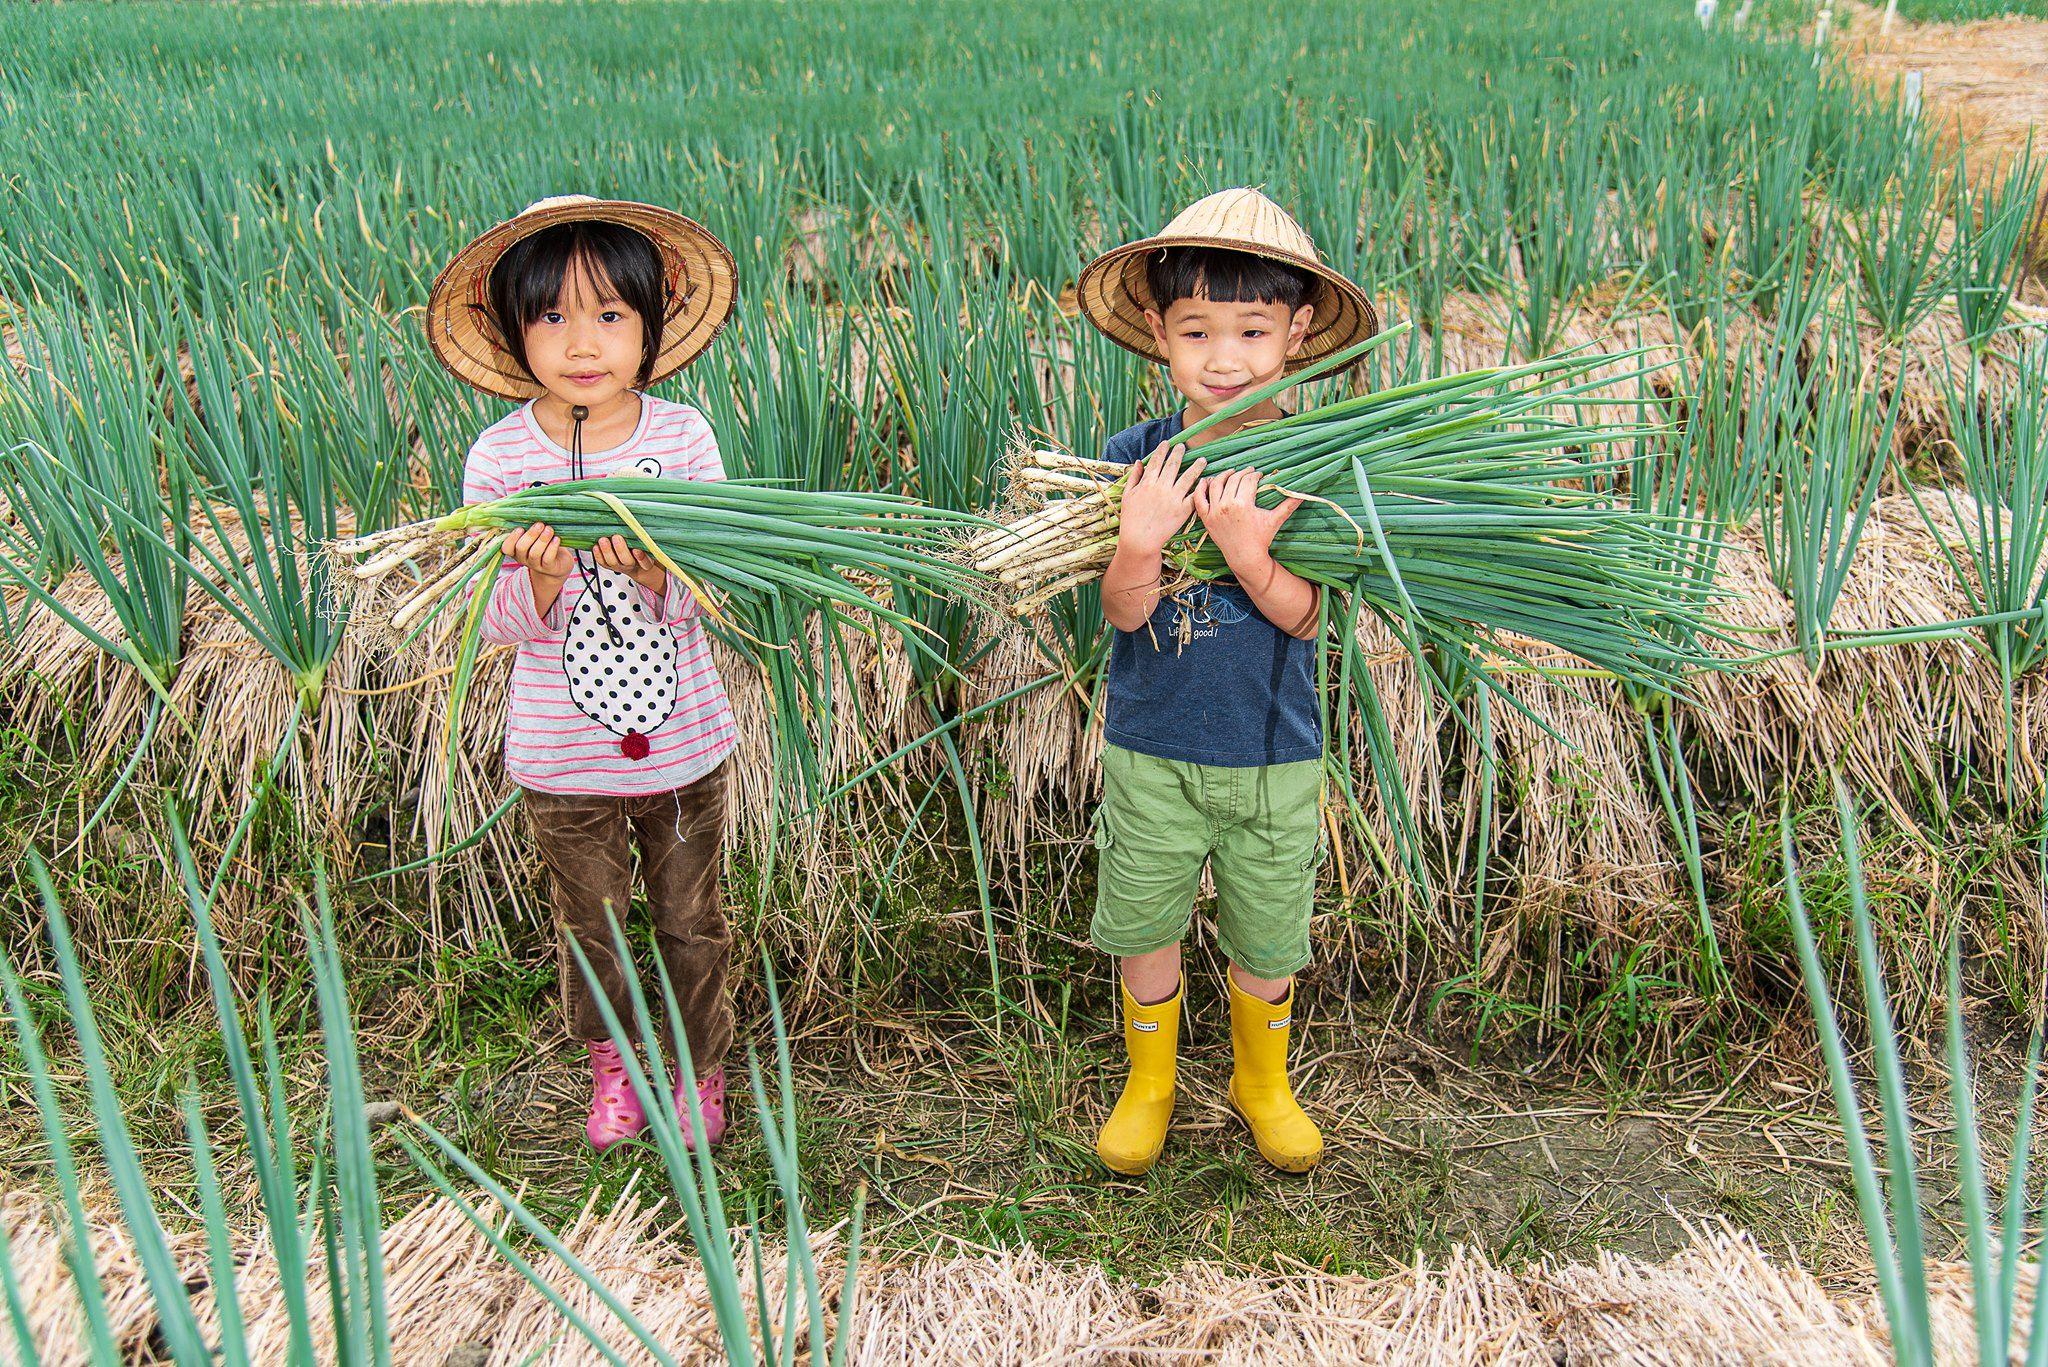 宜蘭 三星蔥農場 蘭陽博物館 親子 2日遊